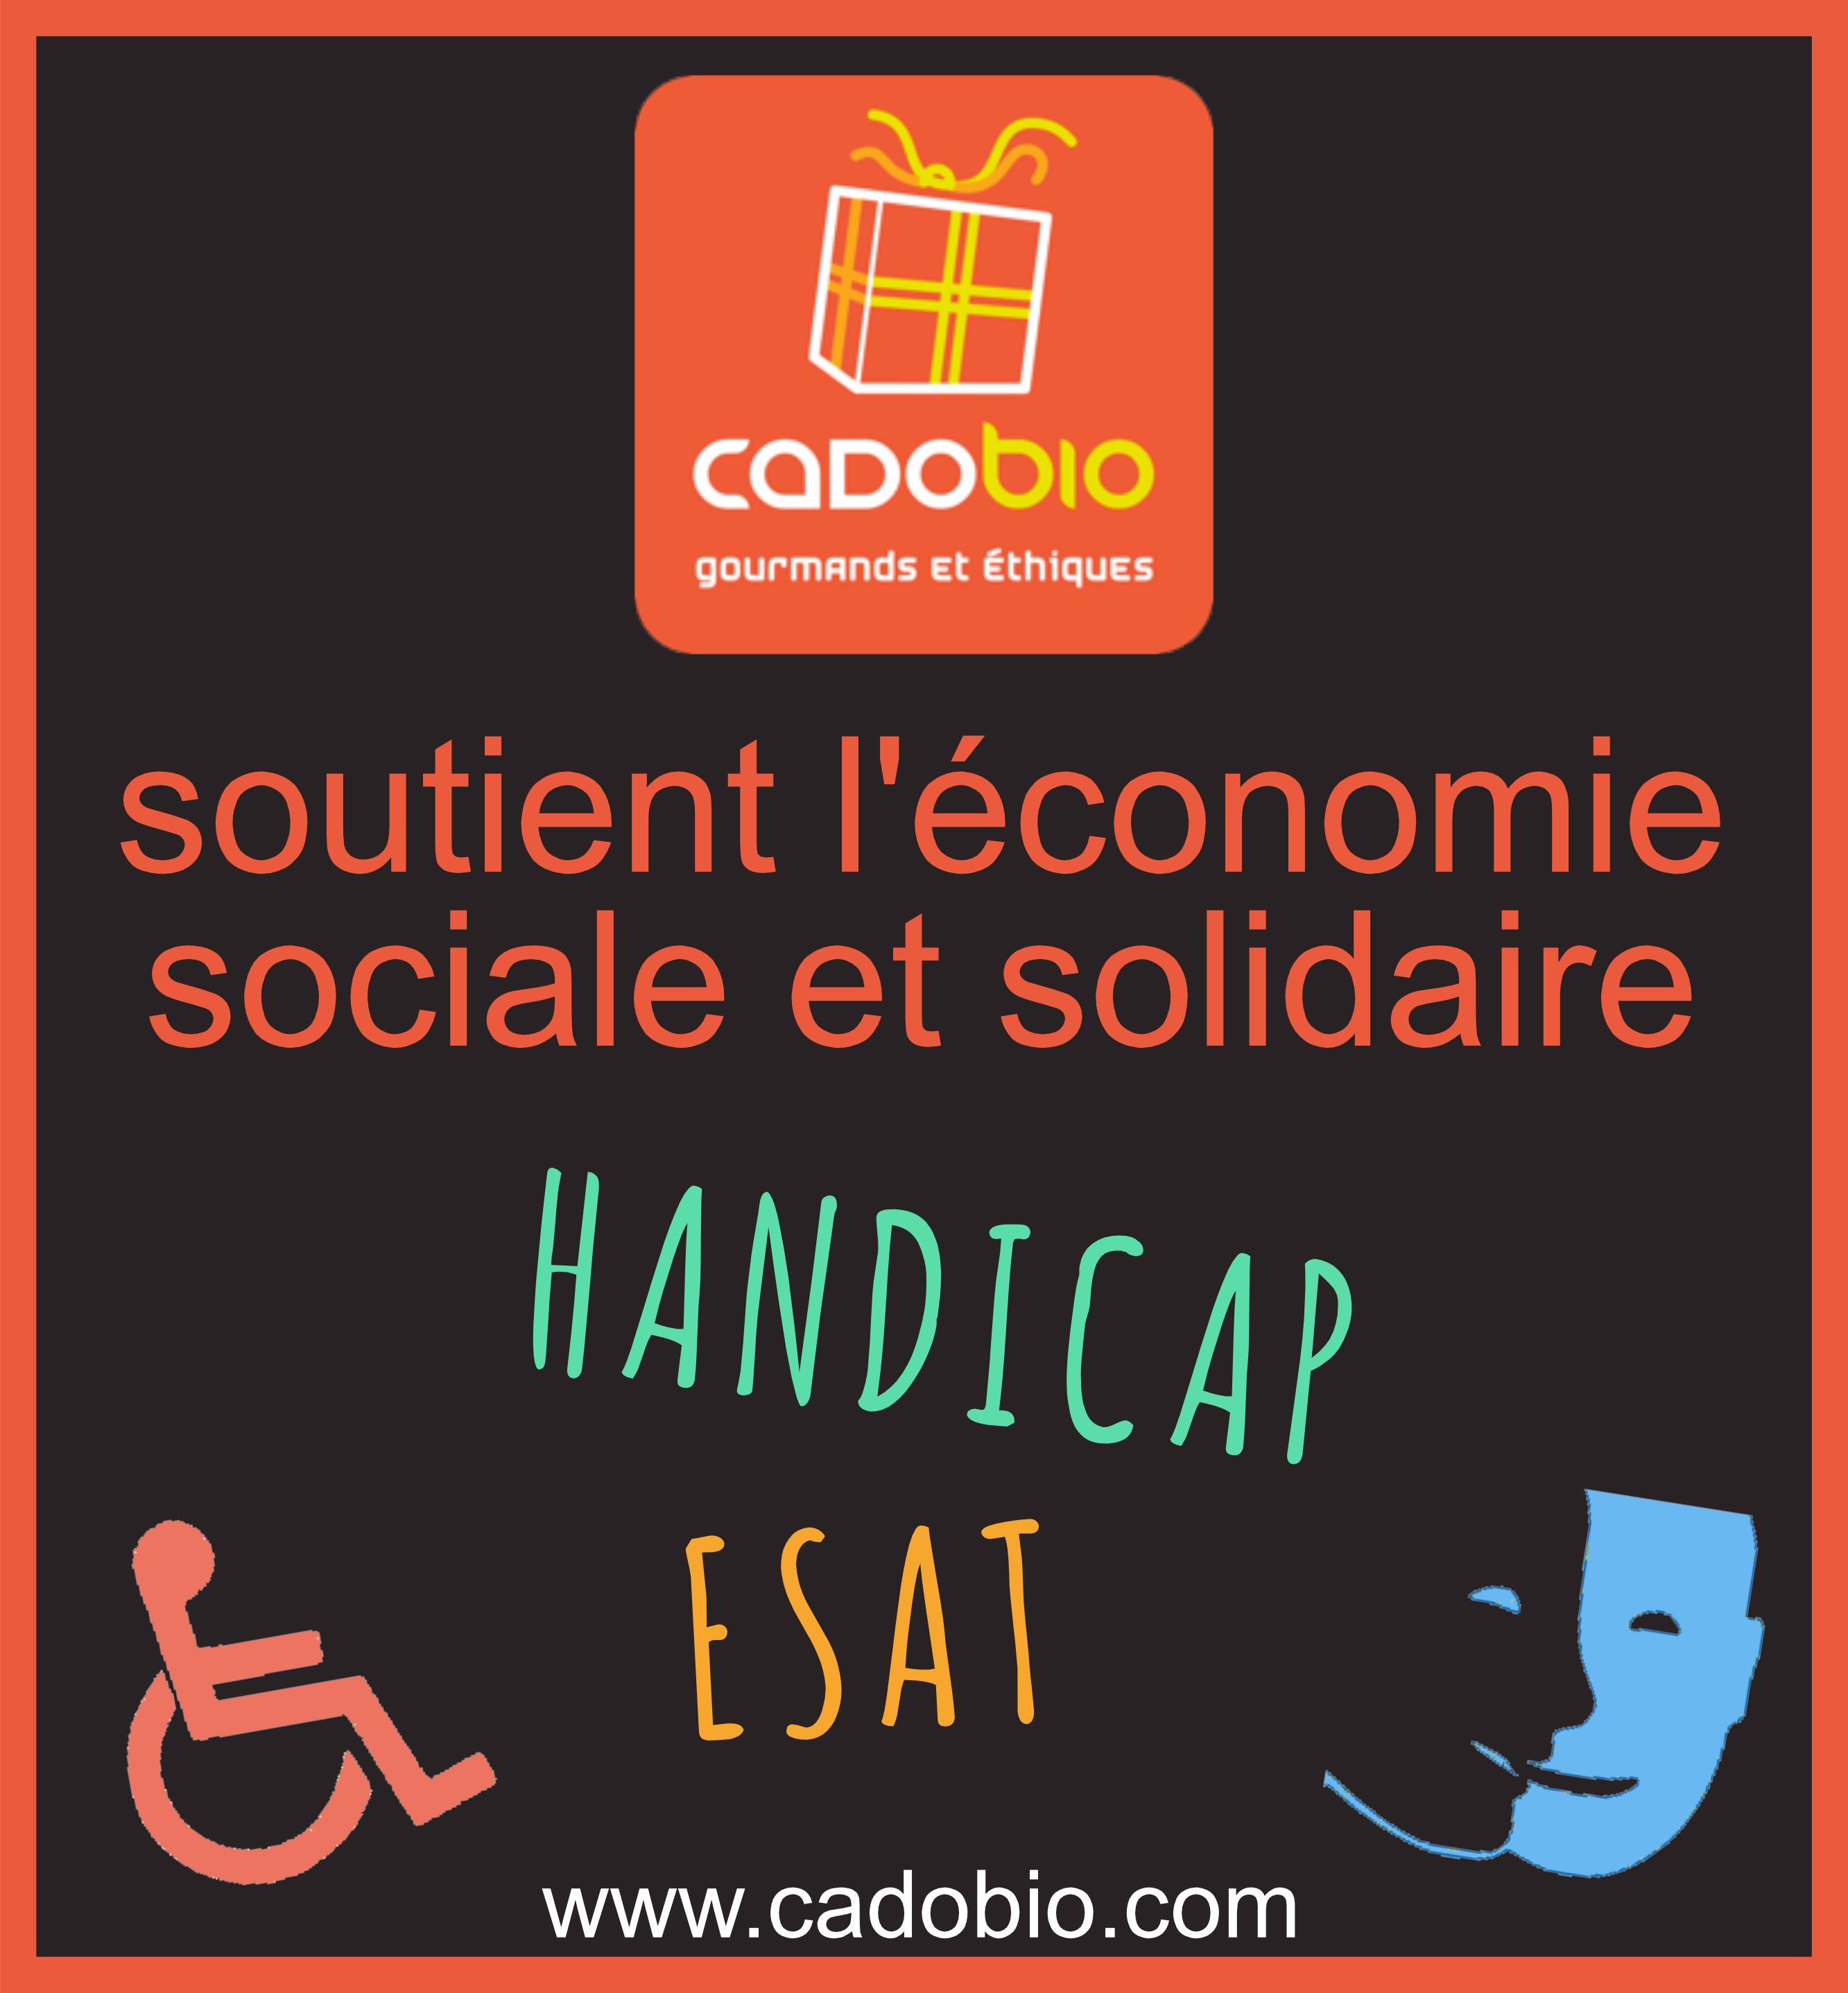 Economie sociale et solidaire - Cadobio